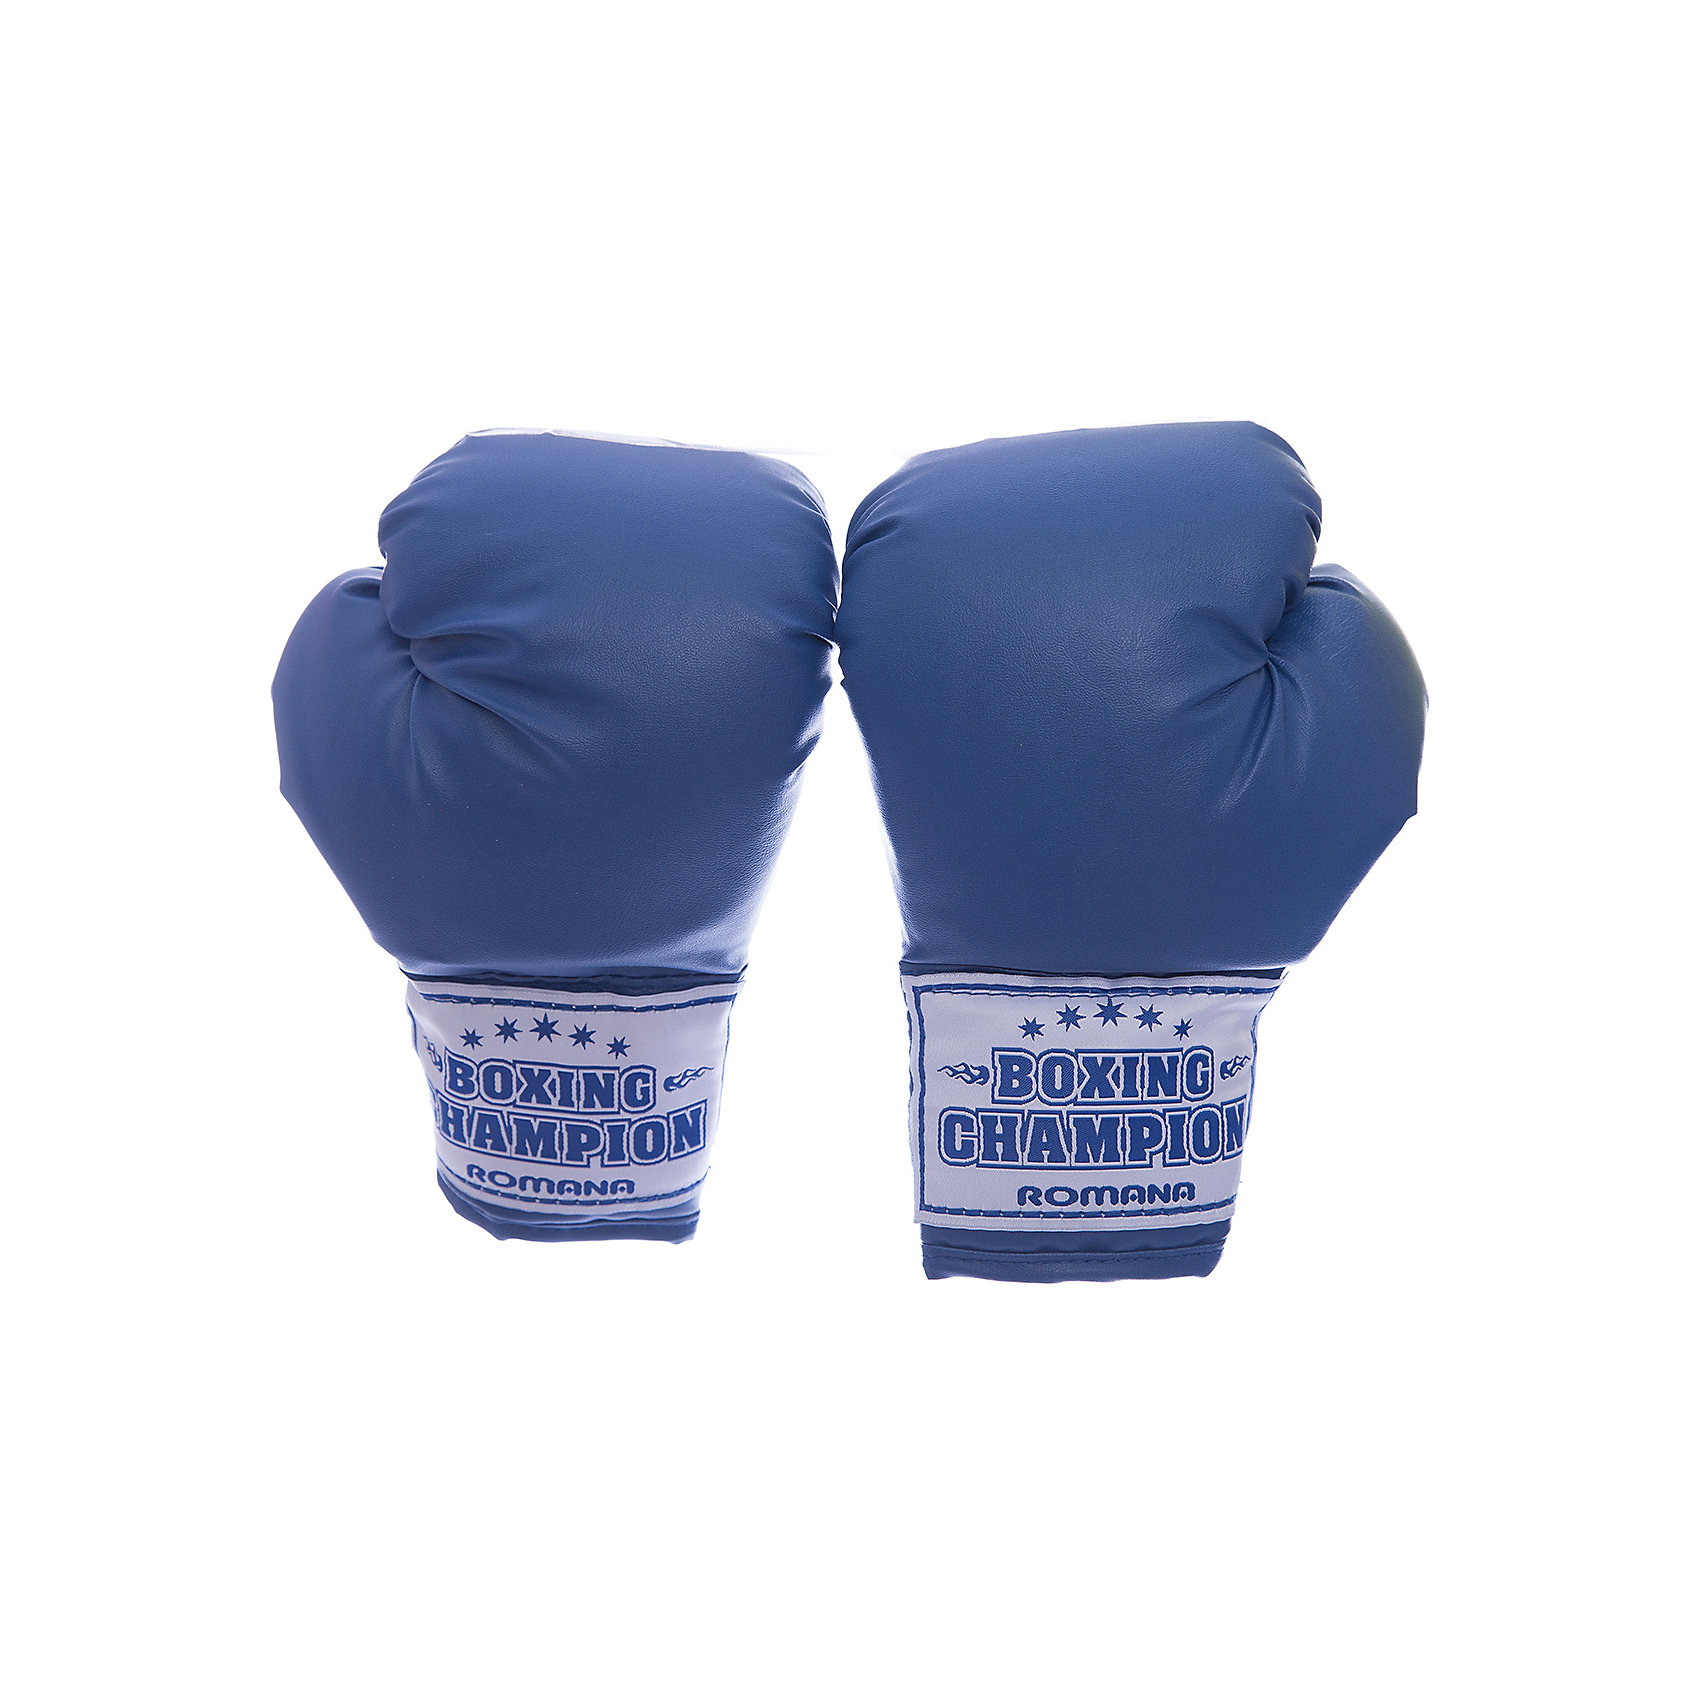 Боксерские перчатки для детей 5-7 лет, ROMANAИнвентарь для бокса<br>Боксерские перчатки – незаменимый аксессуар при занятии боксом. Бокс – спорт, который научит малыша уверенной координации, подарит крепкие мышцы и разовьет отличную физическую форму. Данная модель предназначена как дополнительный элемент к детскому домашнему спортивному комплексу для занятий боксом. Перчатки легко очищаются даже от самых сложных загрязнений. Материалы, использованные при изготовлении изделия, абсолютно безопасны для детей и отвечают всем международным требованиям по качеству. <br><br>Дополнительная информация: <br><br>цвет: синий;<br>возраст: 5-7 лет;<br>вес: 274 г;<br>габариты: 26 х 15 х 9 см;<br>материал: искусственная кожа.<br><br>Детские боксерские перчатки от компании ROMANA можно приобрести в нашем магазине.<br><br>Ширина мм: 500<br>Глубина мм: 350<br>Высота мм: 200<br>Вес г: 0<br>Возраст от месяцев: 60<br>Возраст до месяцев: 84<br>Пол: Унисекс<br>Возраст: Детский<br>SKU: 4993357